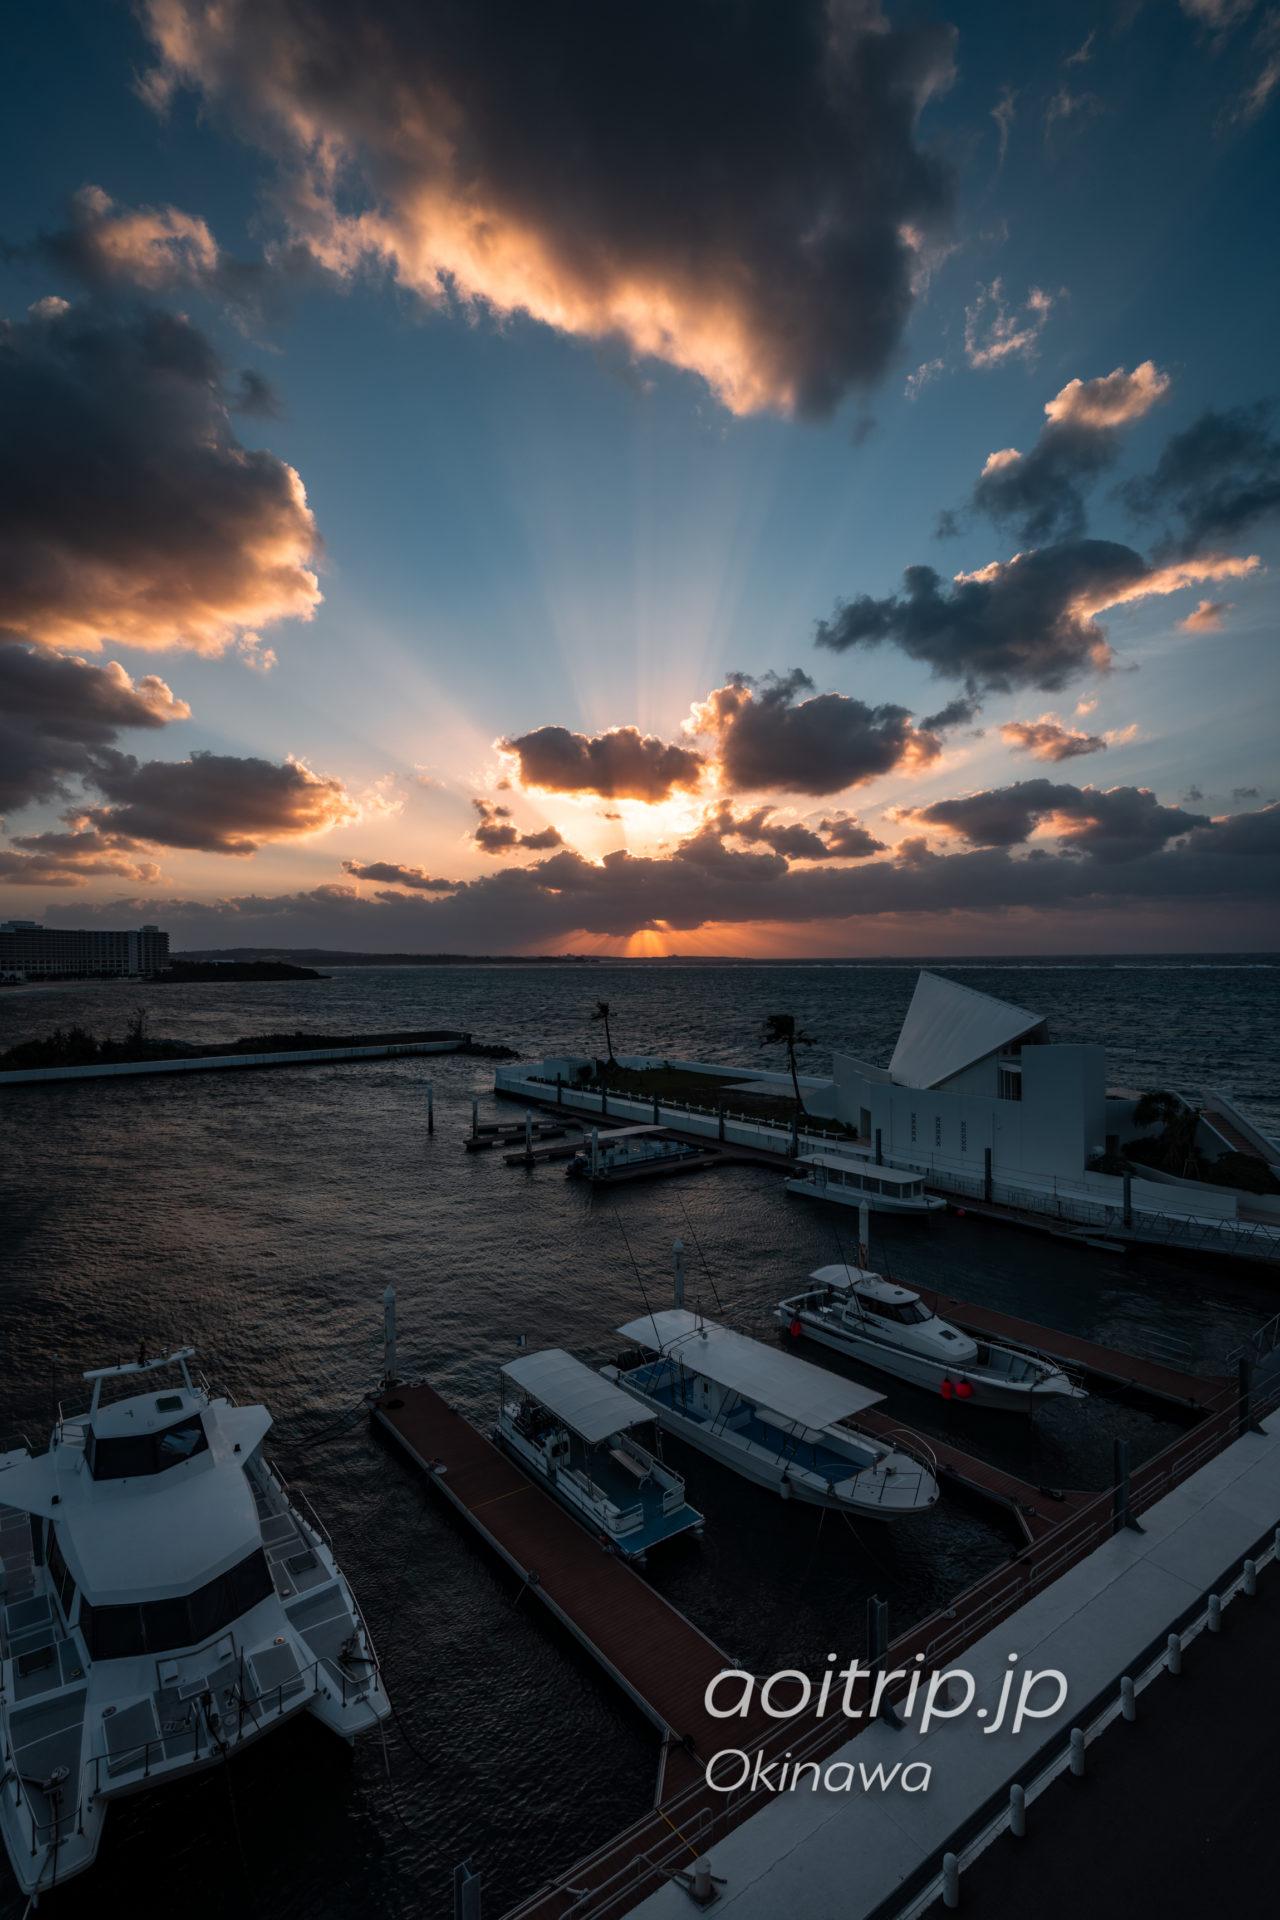 シェラトン沖縄サンマリーナ リゾート Sheraton Okinawa Sunmarina Resort プレミアム オーシャン ツイン オーシャンビュー, サウスタワー Premium Ocean Twin, Guest room バルコニーから望むサンセット